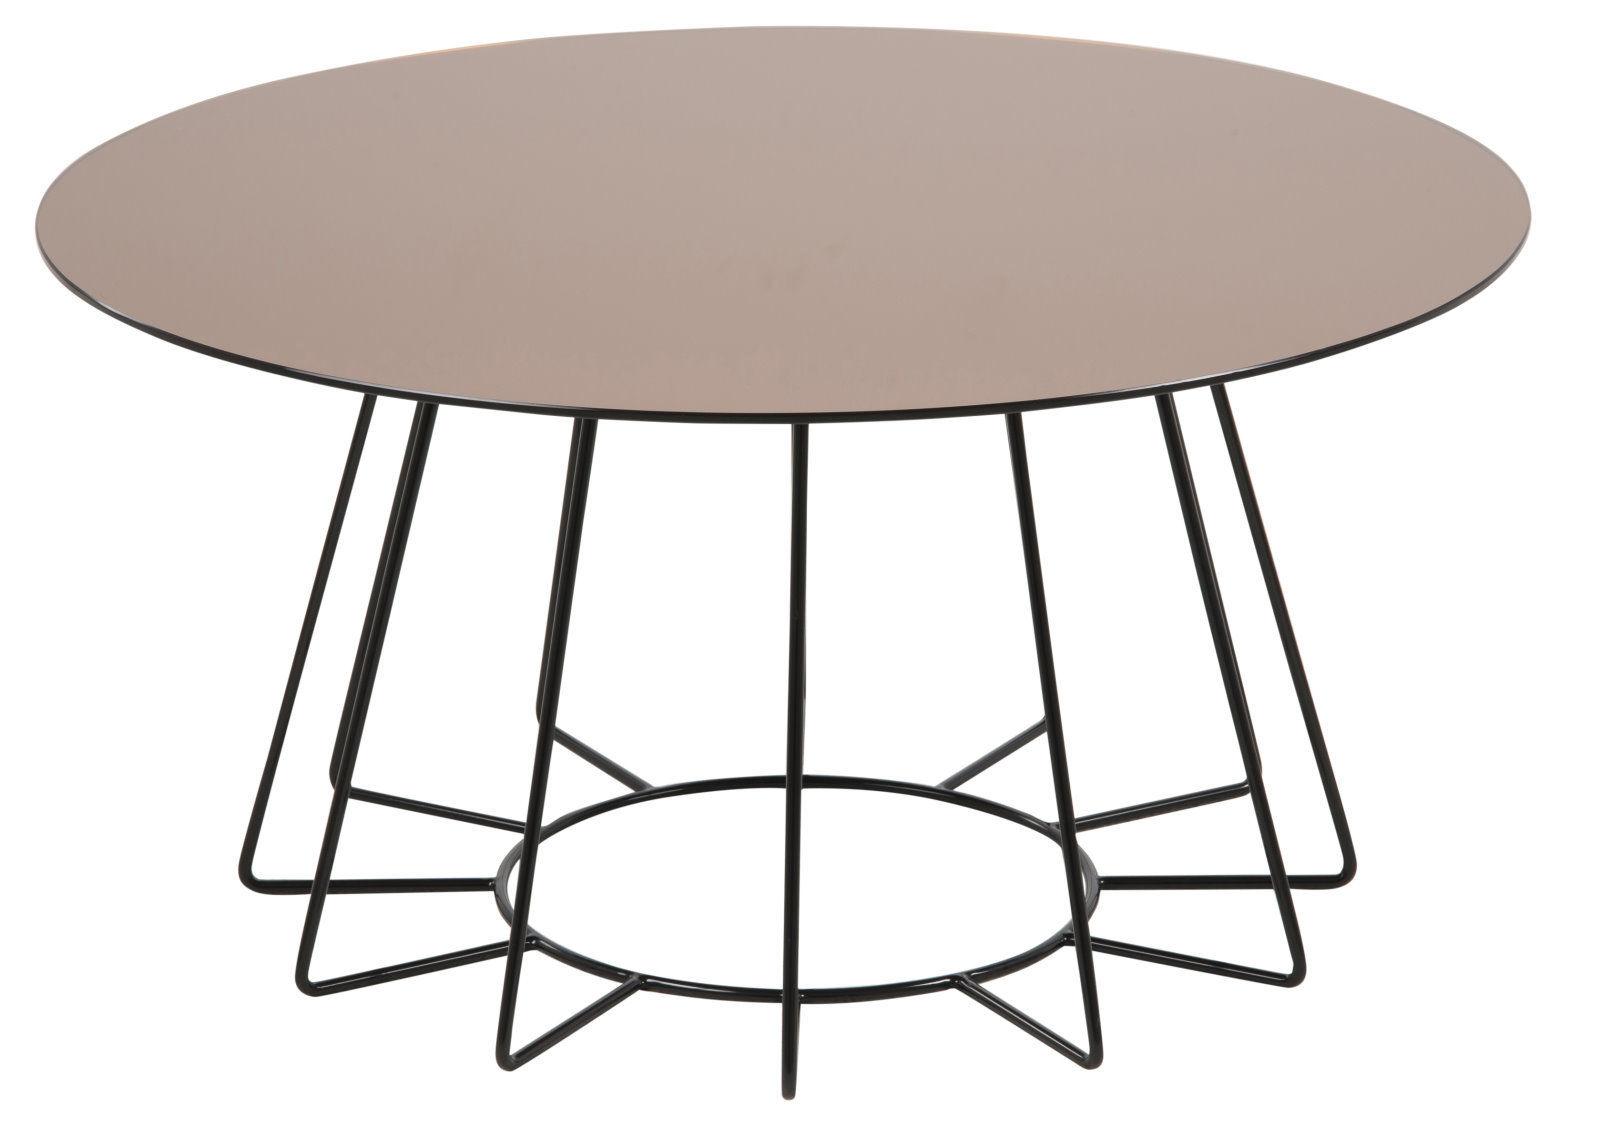 pkline couchtisch tisch beistelltisch wohnzimmertisch rund. Black Bedroom Furniture Sets. Home Design Ideas